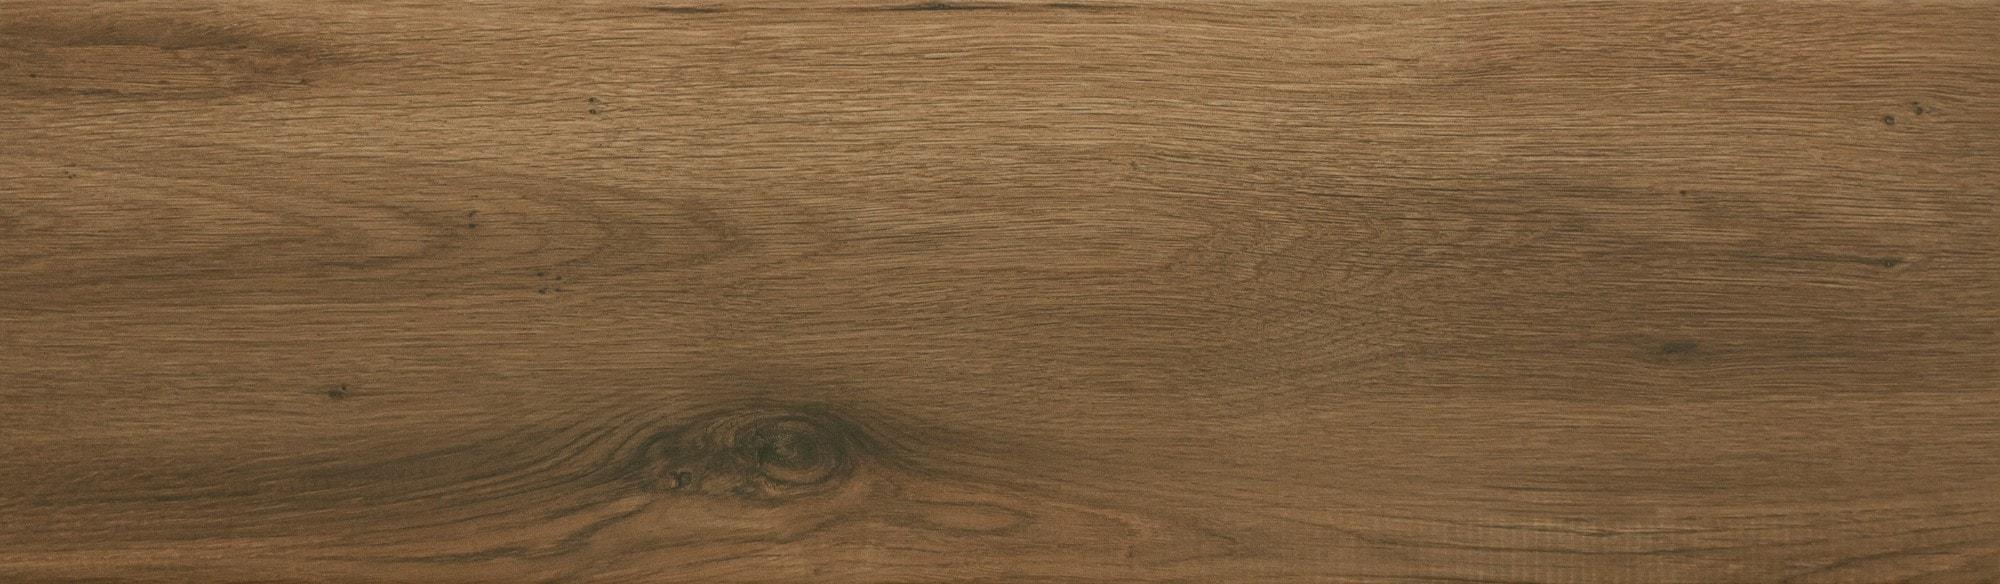 Płytka podłogowa Cerrad Lussaca Nugat 600x175x8mm 14451